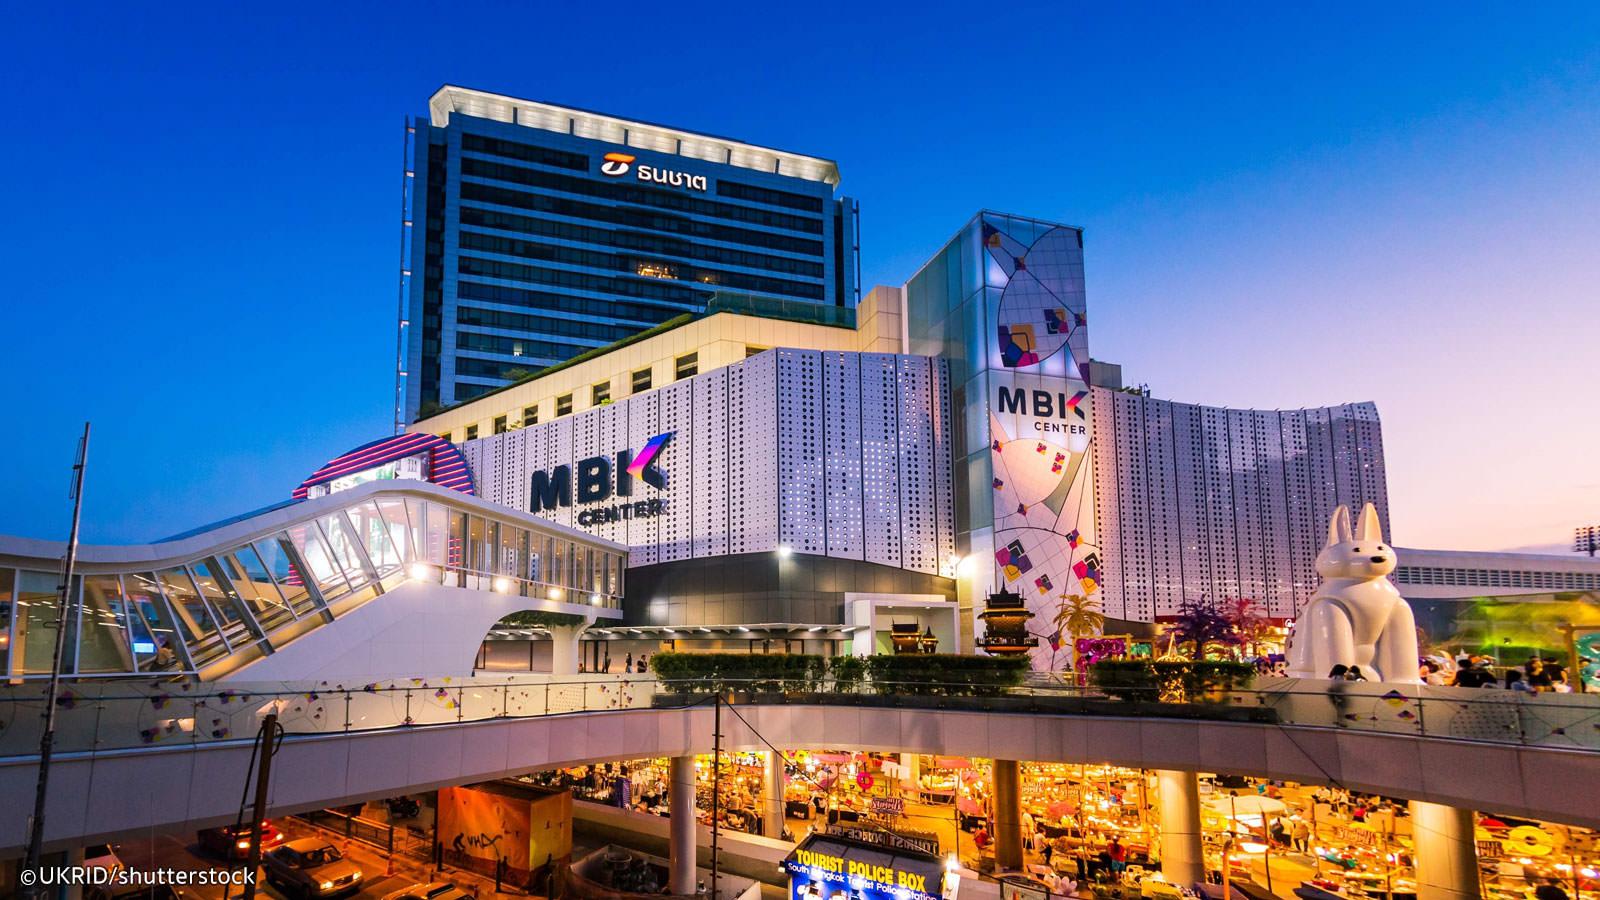 تصاویر مرکز خرید ام بی کی بانکوک در تایلند